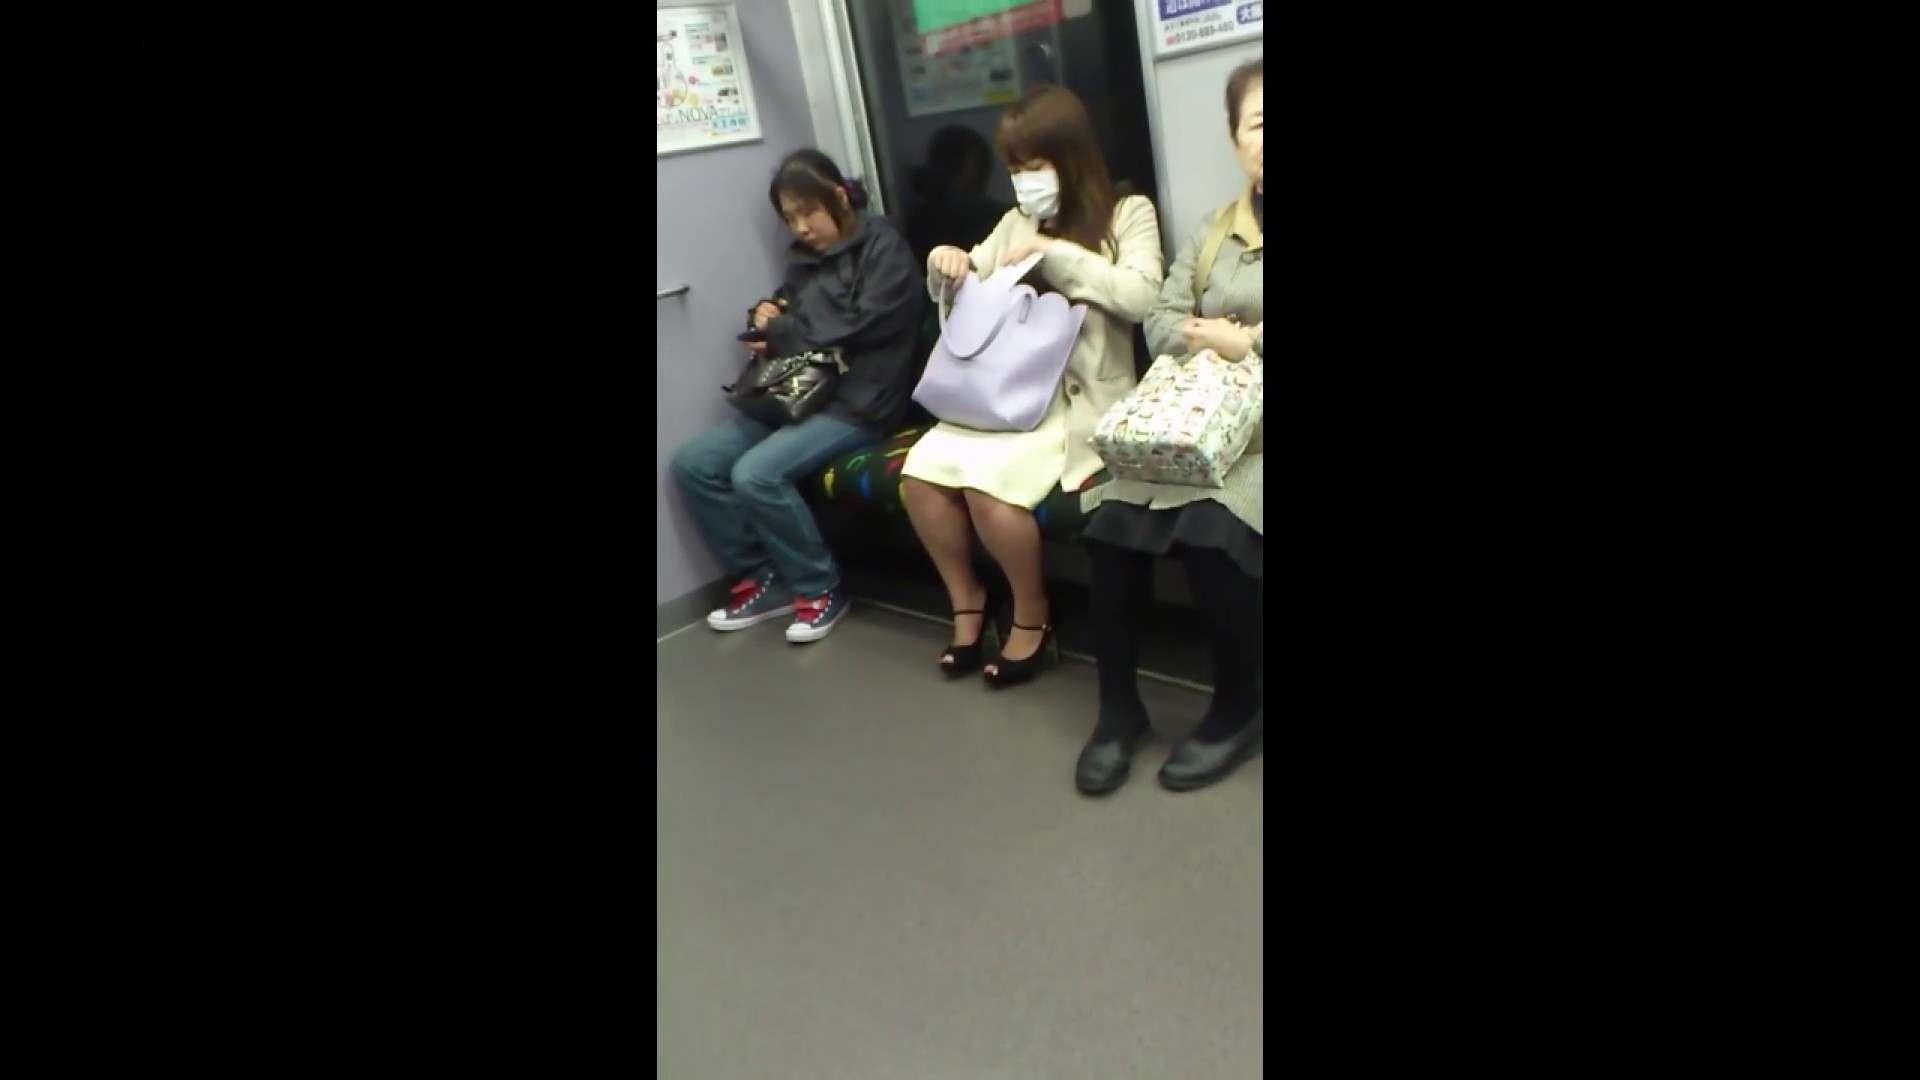 盗撮列車 Vol.55 黄色の爽やかなスカートが大好きです。 パンチラ女子 濡れ場動画紹介 89枚 47